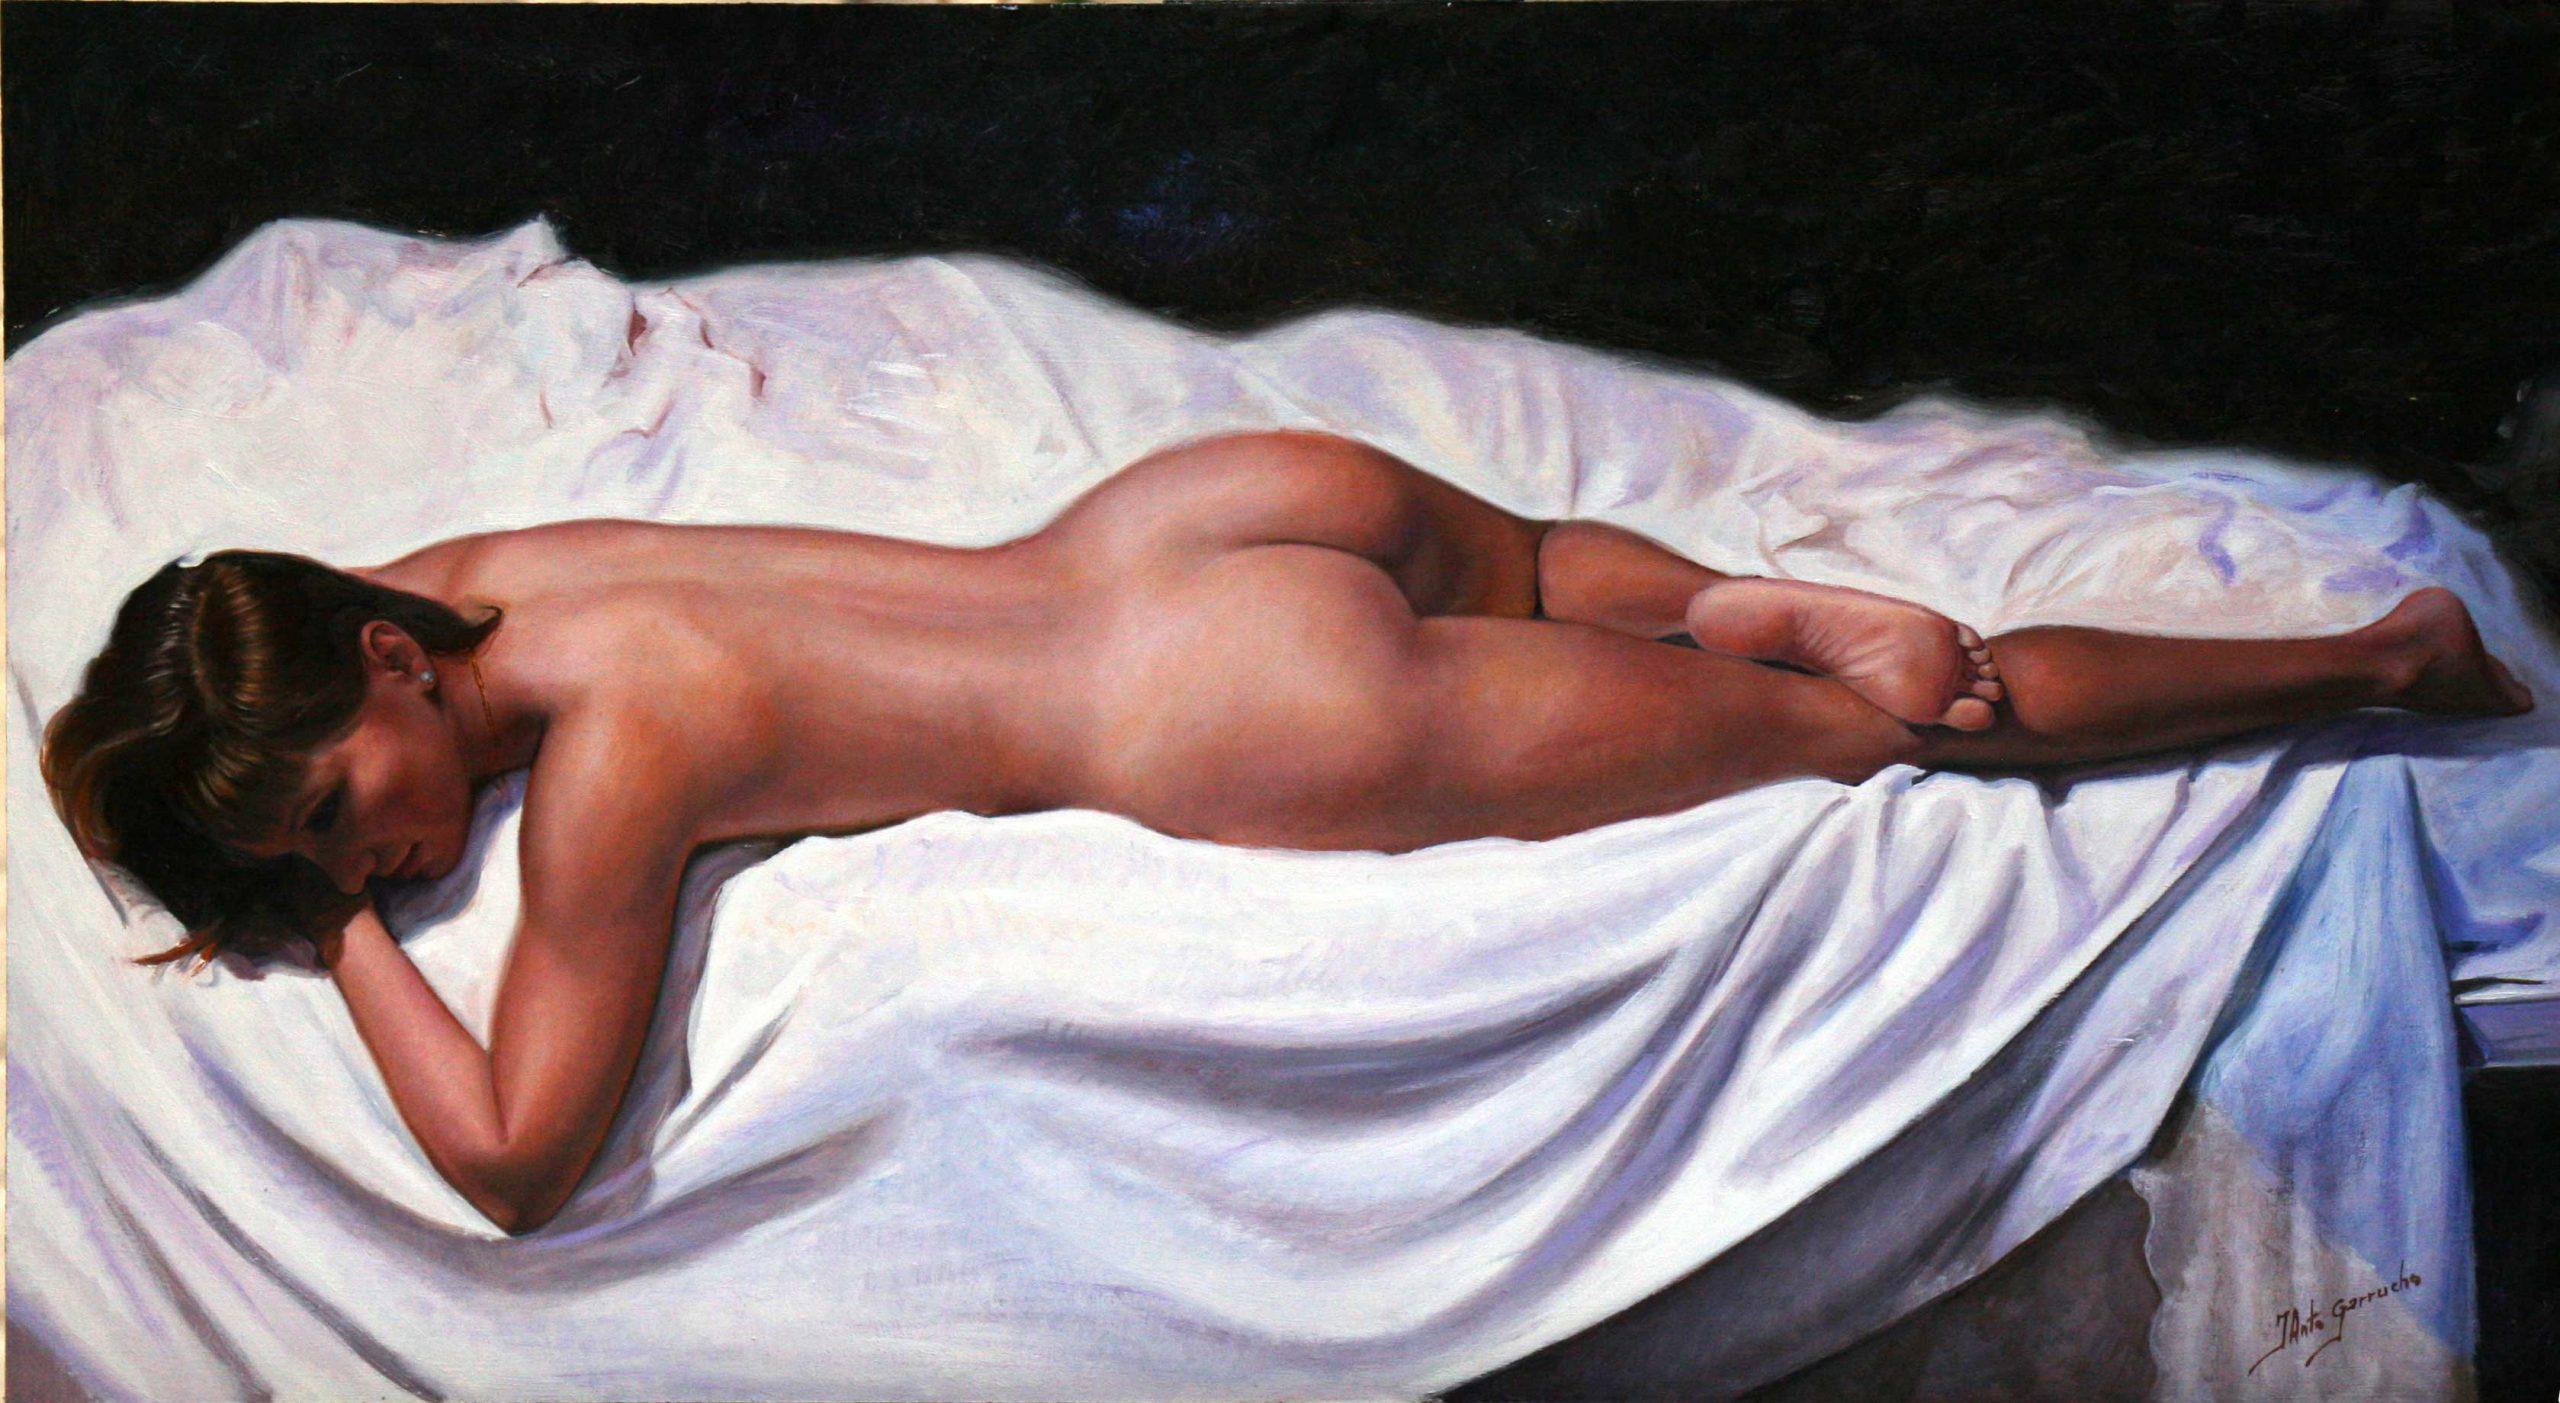 Desnudo sobre sábanas blancas